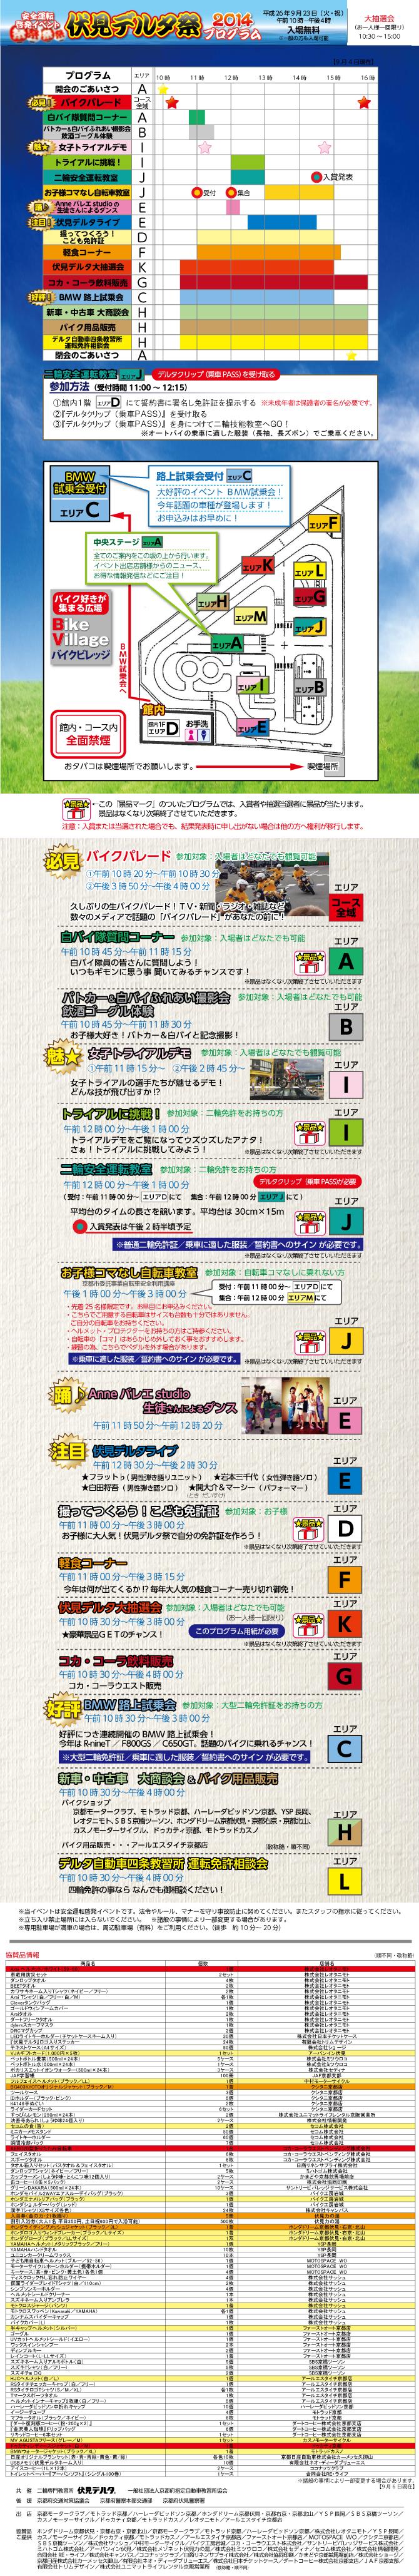 伏見デルタ祭2014プログラム